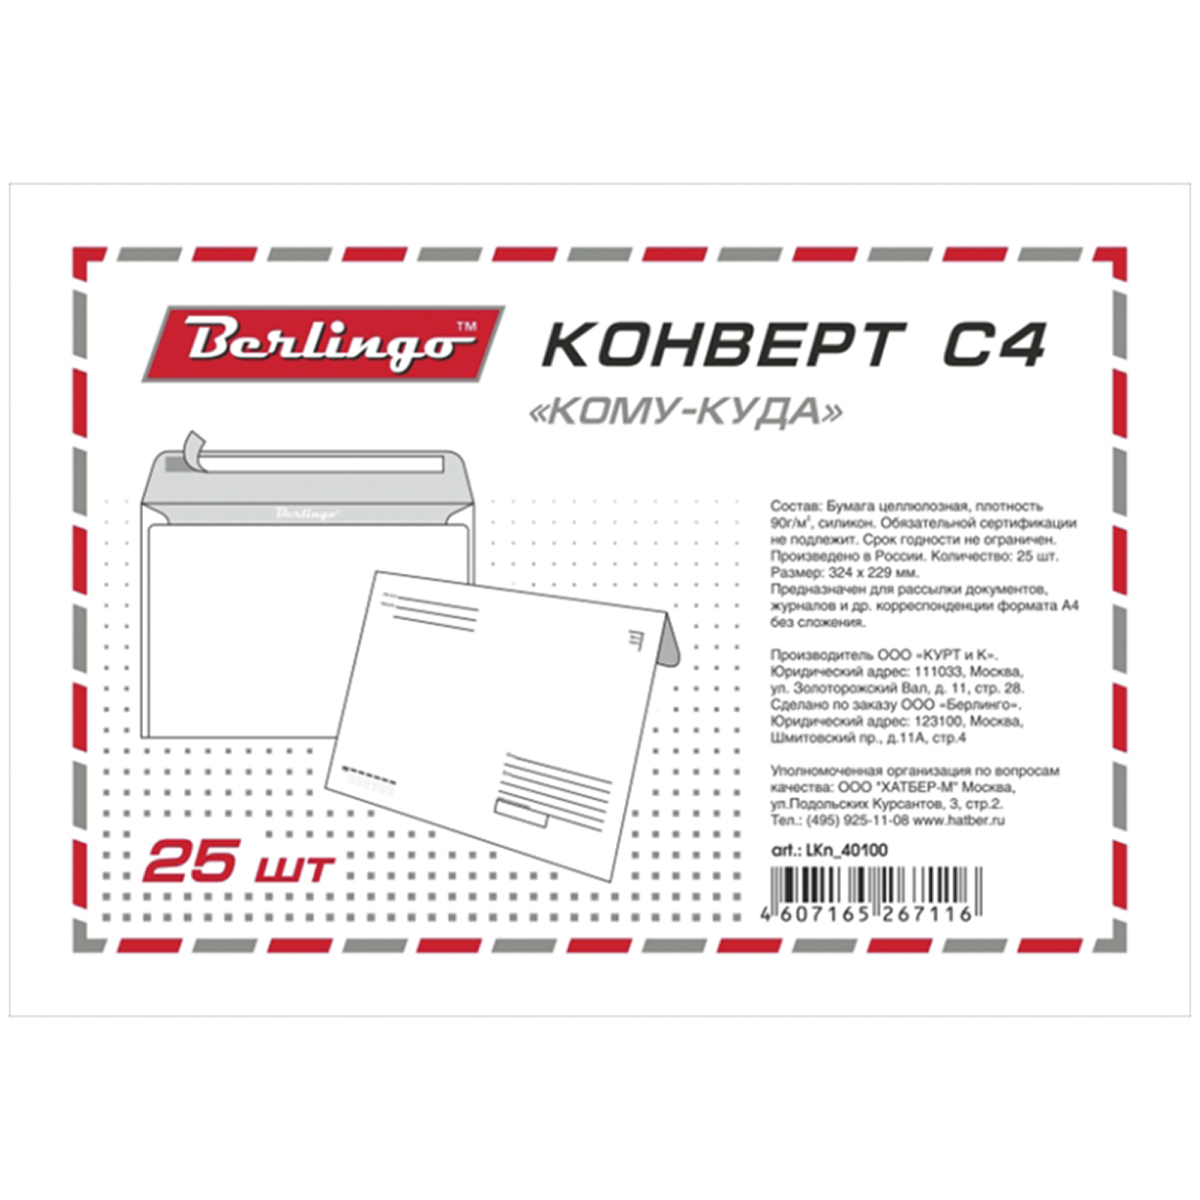 Berlingo Конверт C4 с подсказом 25 штLKn_40100Конверт с подсказом, без окна, с внутренней запечаткой. Формат С4 соответствует размеру 229х324мм. Предназначен для рассылки документов А4 без сложения. Клапан конверта крепится с помощью отрывной силиконовой ленты. Упаковка - термоусадочная пленка